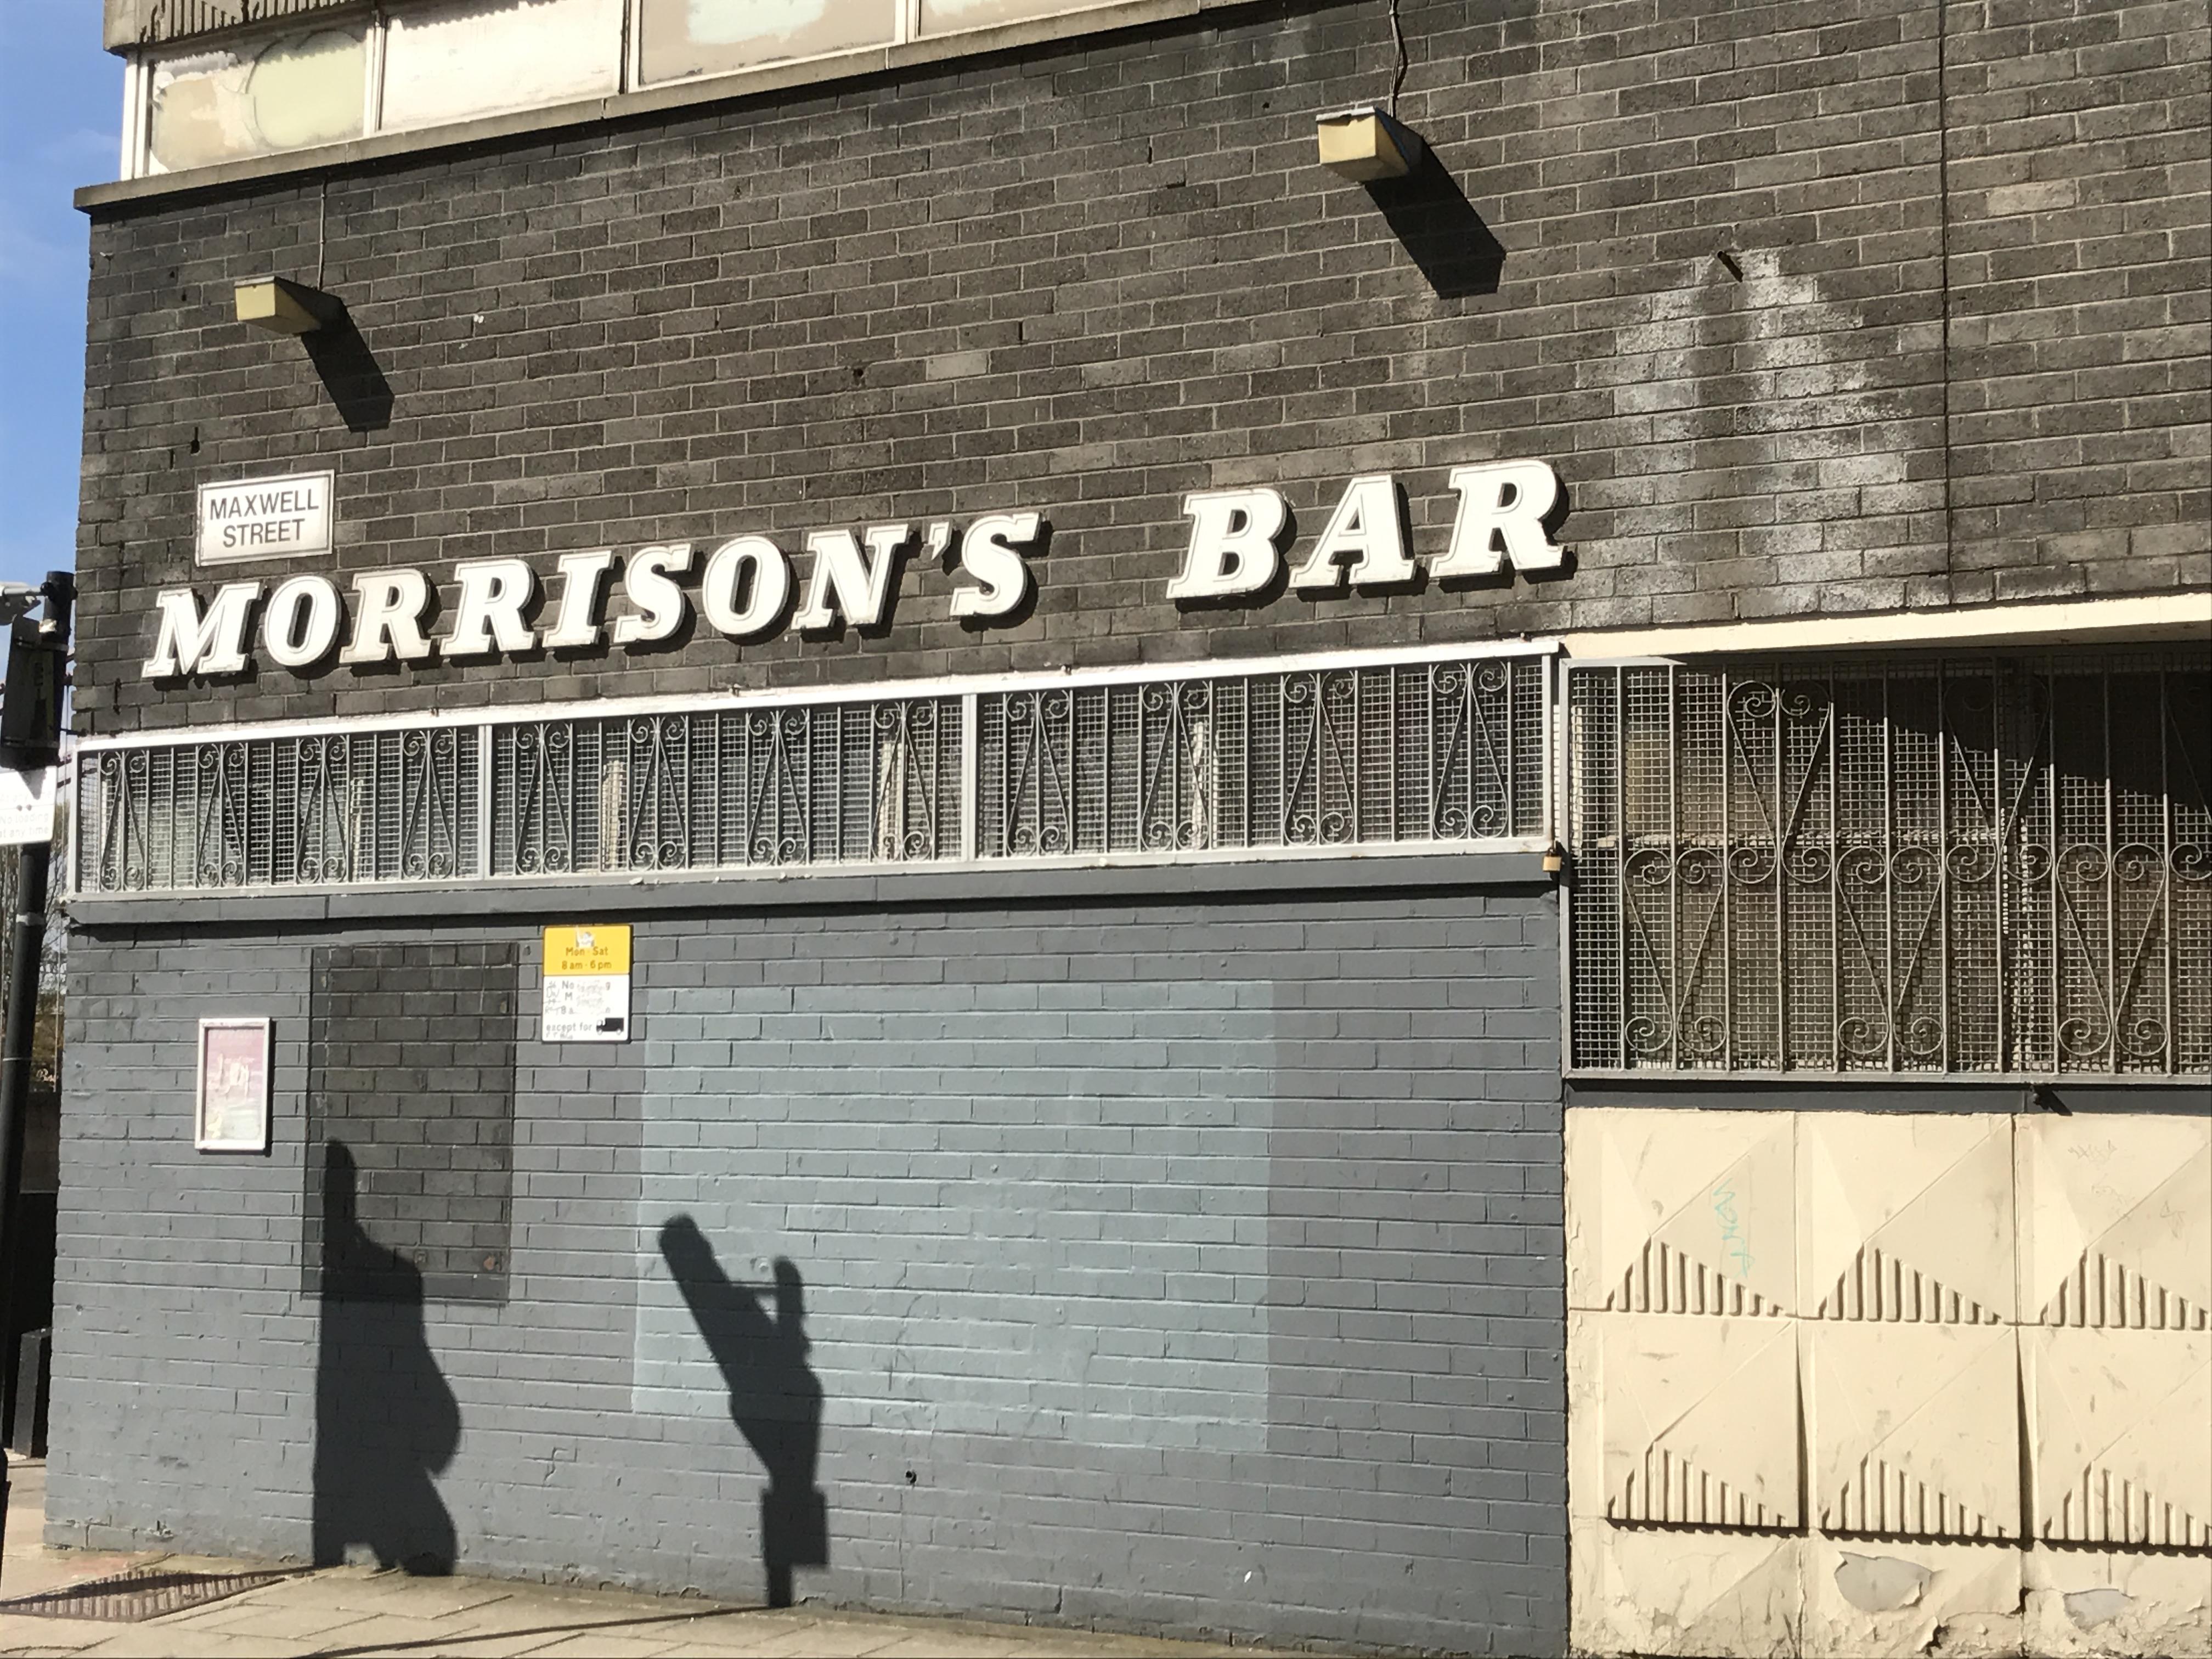 Morrison's Bar